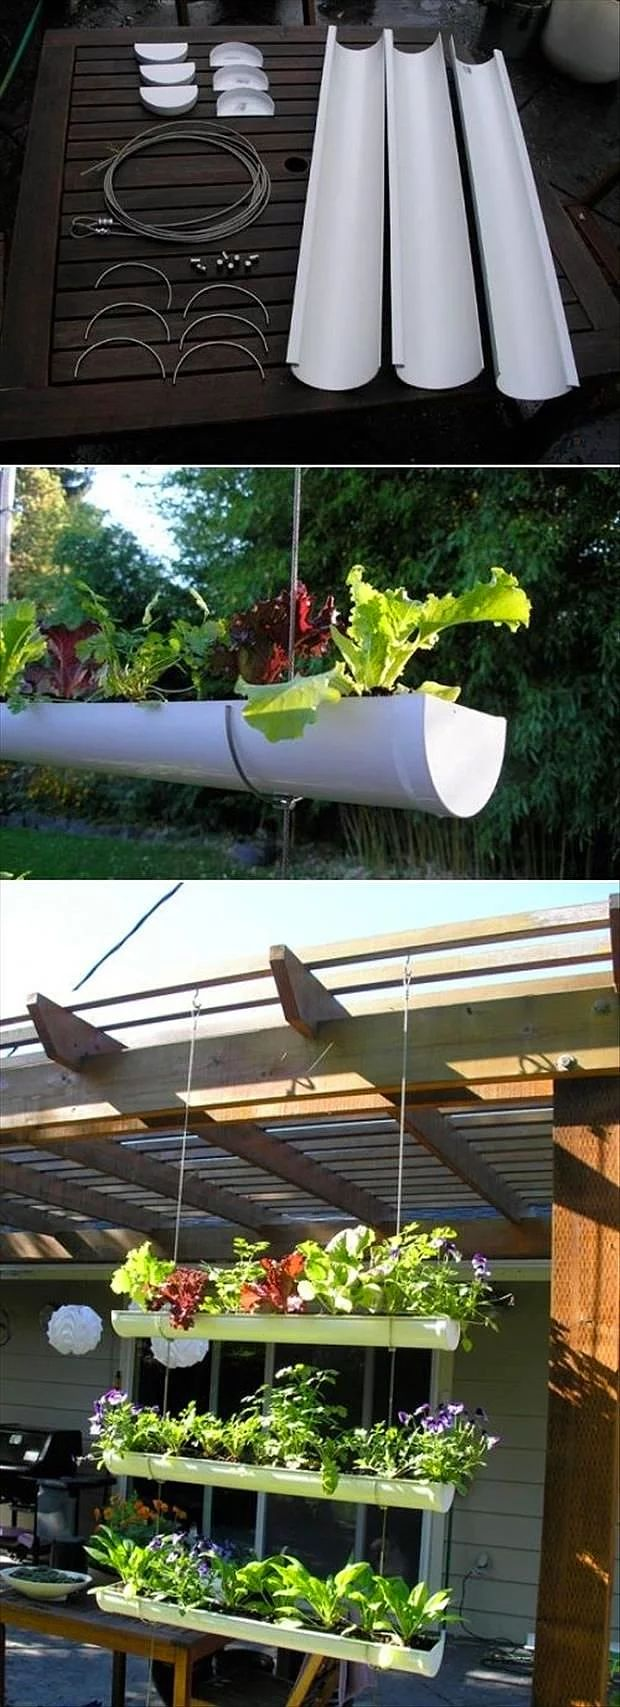 Organik tarım iki pimaş boru kadar uzağında.